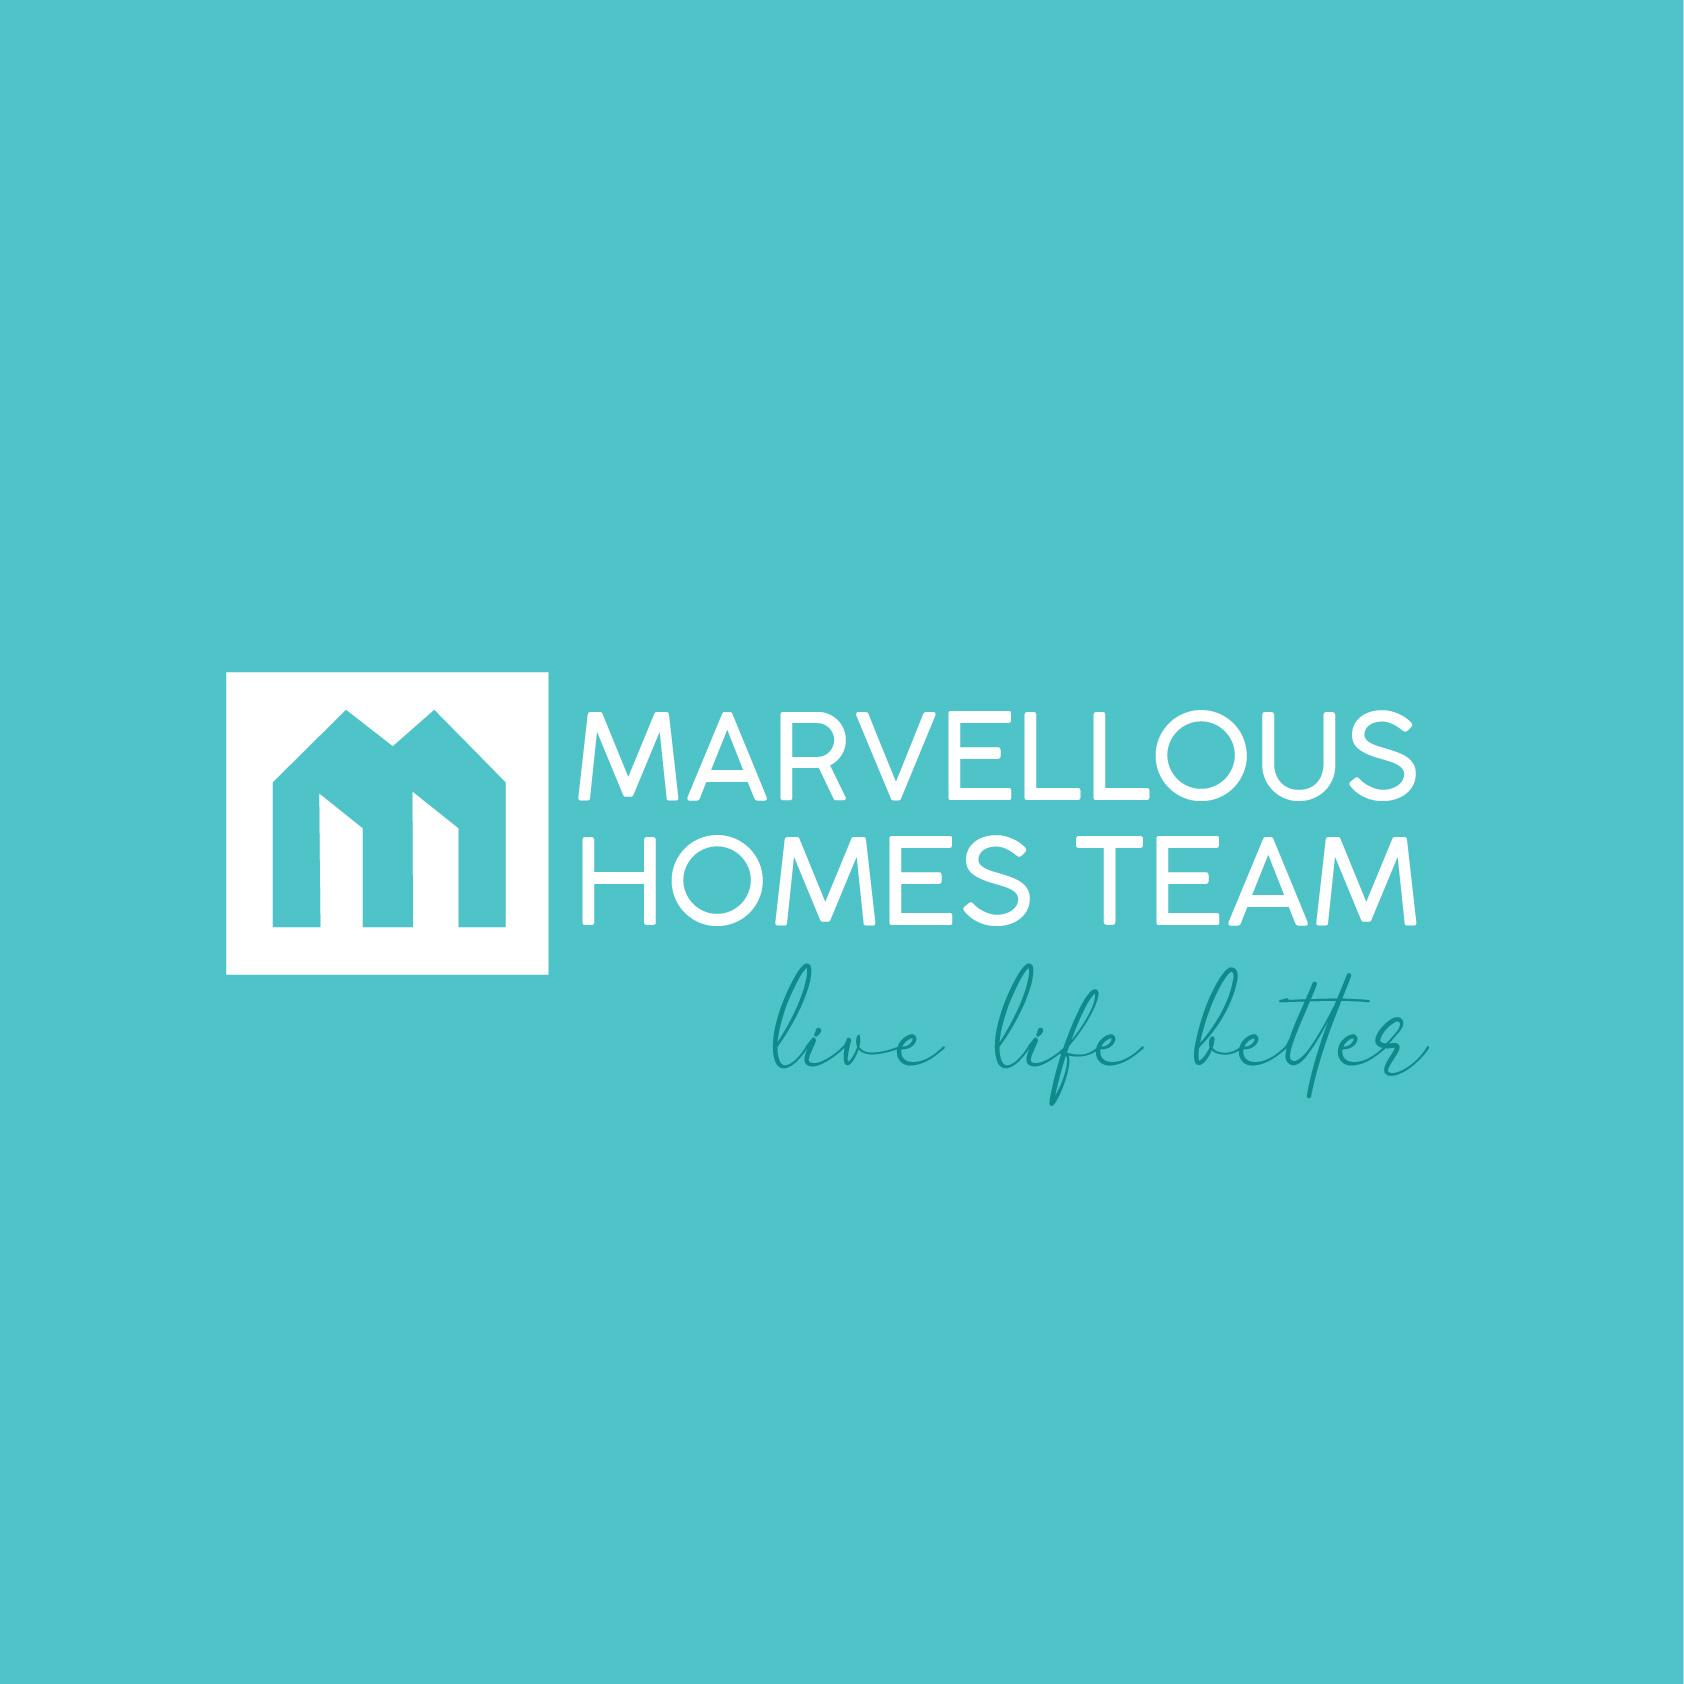 Marvelloushomes Team